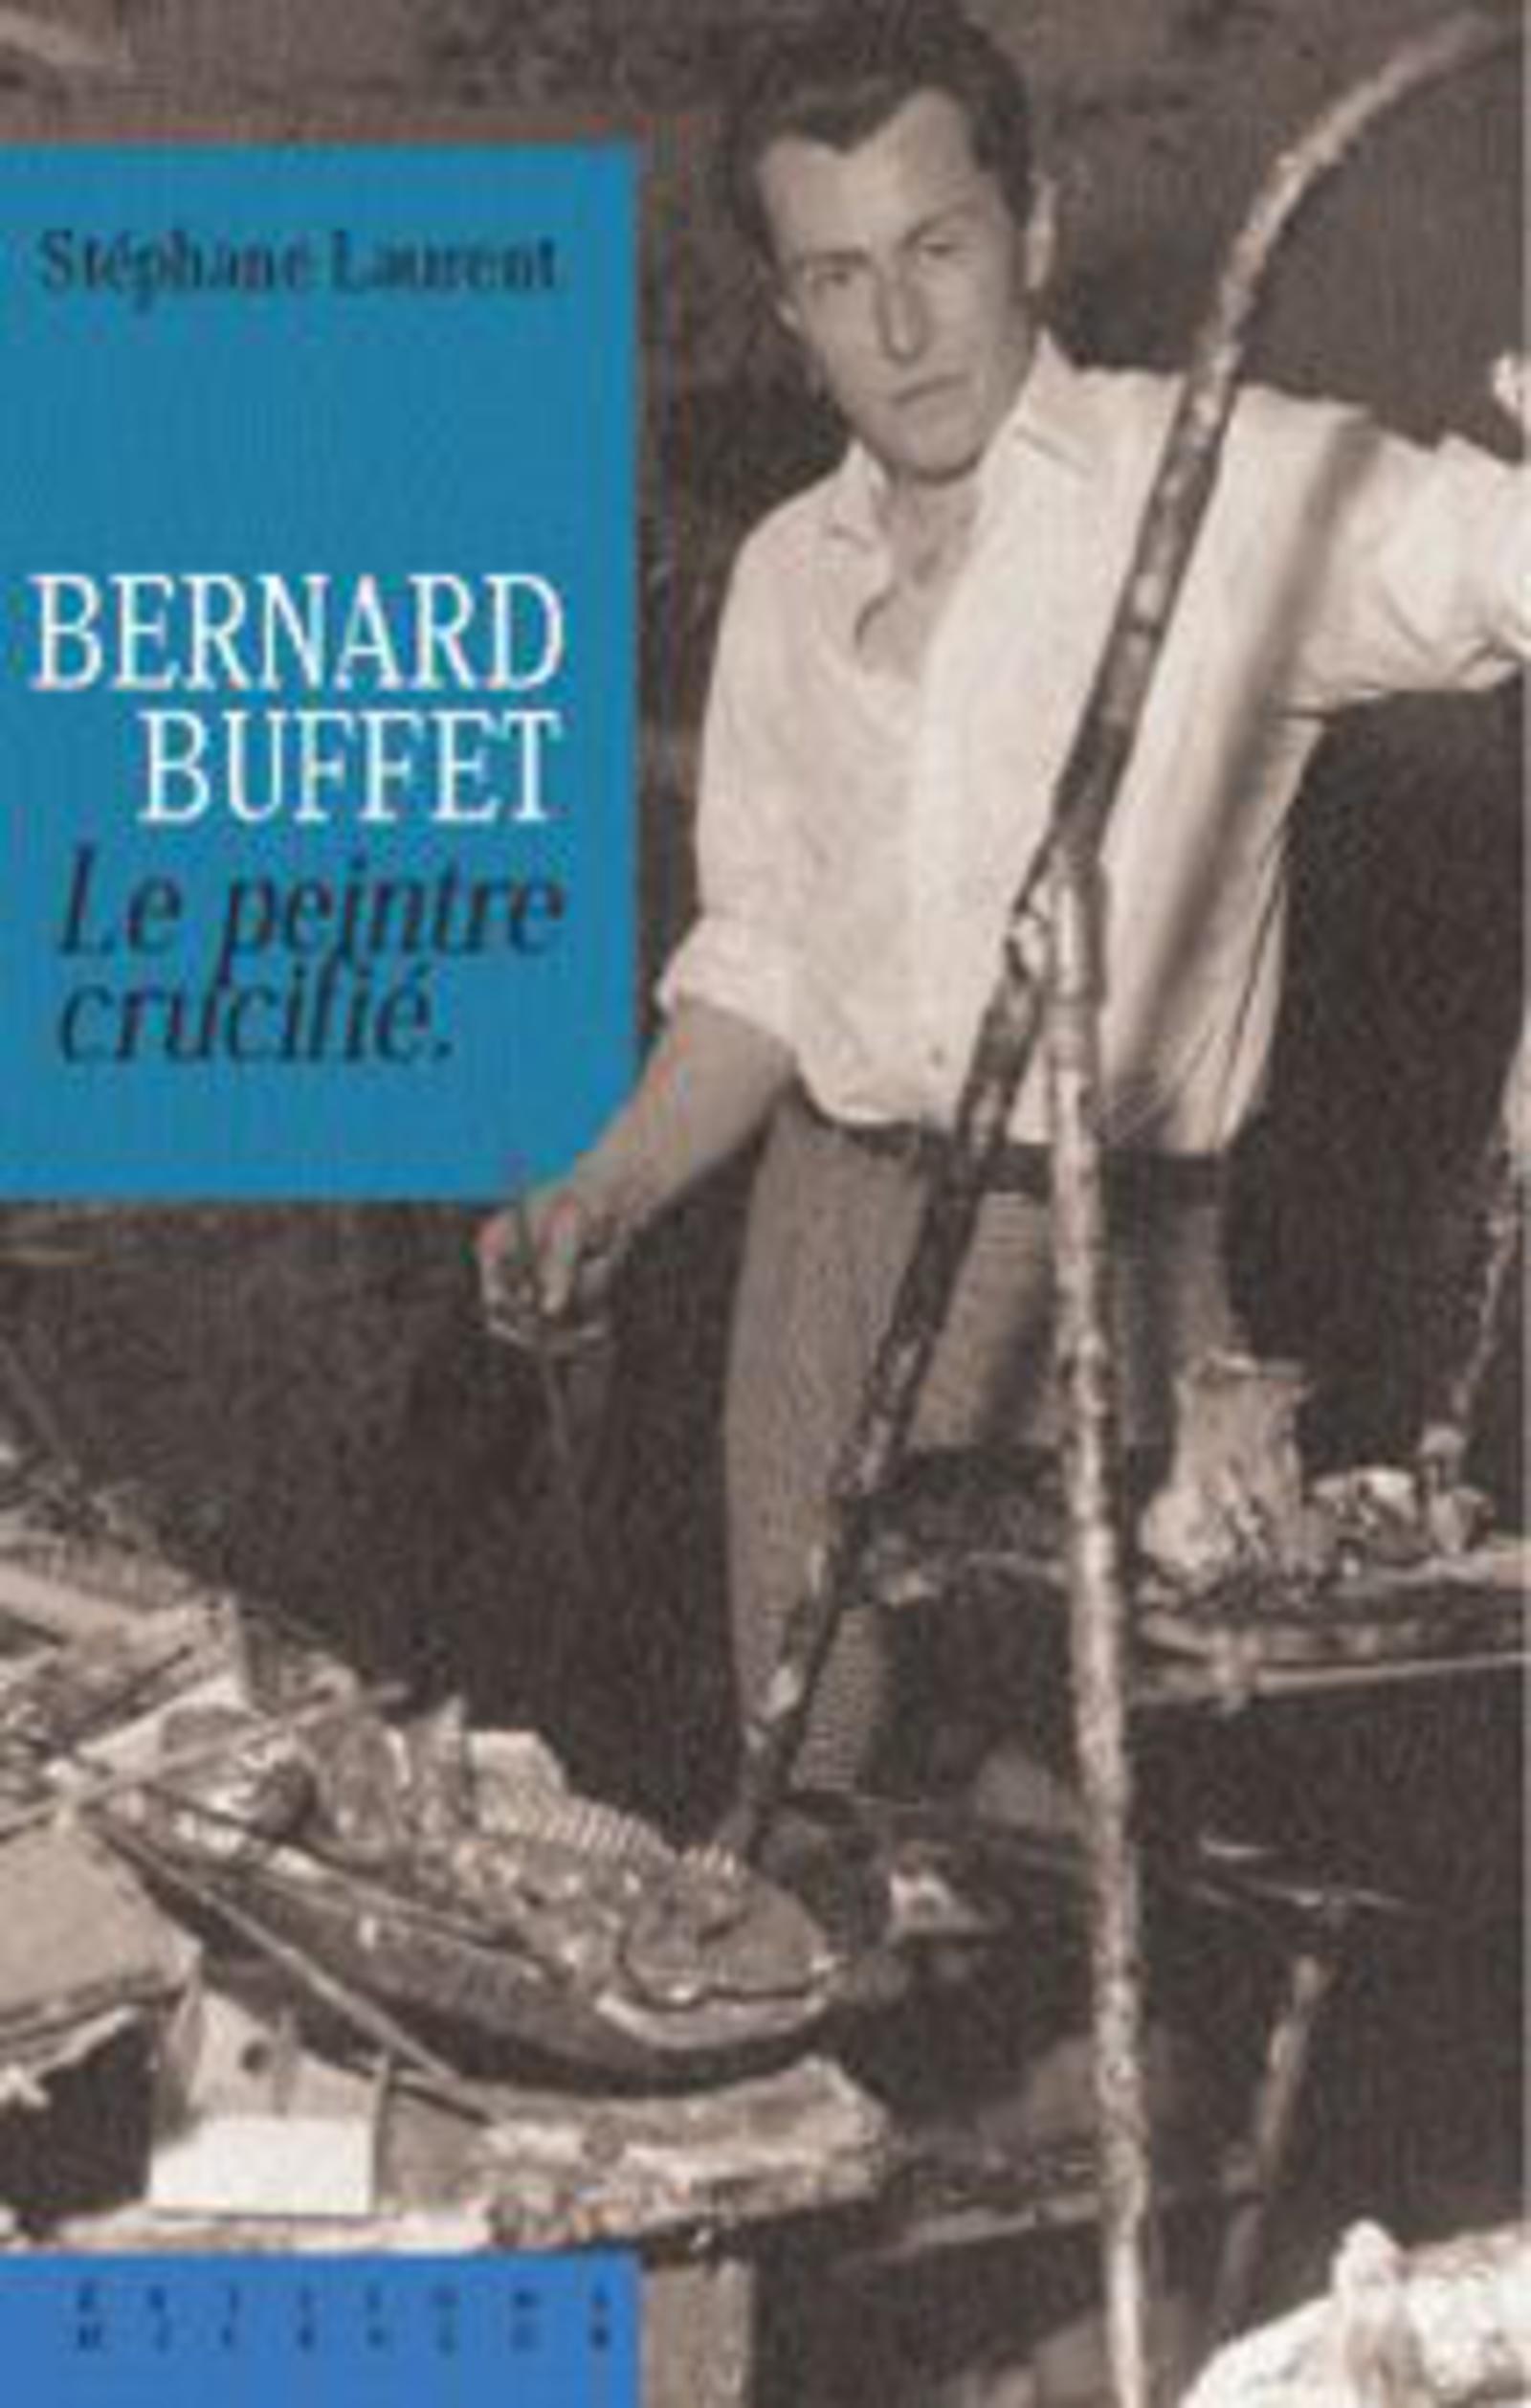 Bernard buffet le peintre crucifi st phane laurent for Buffet peintre